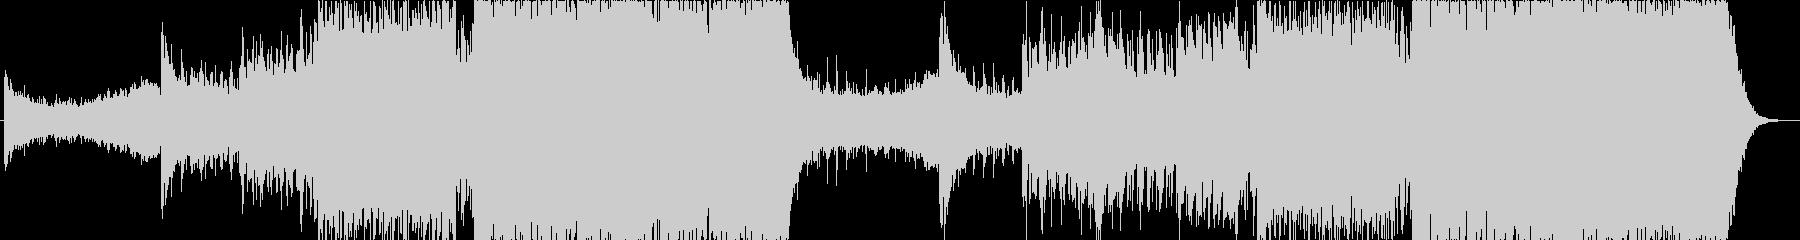 同じメロが繰り返されるトランスの未再生の波形